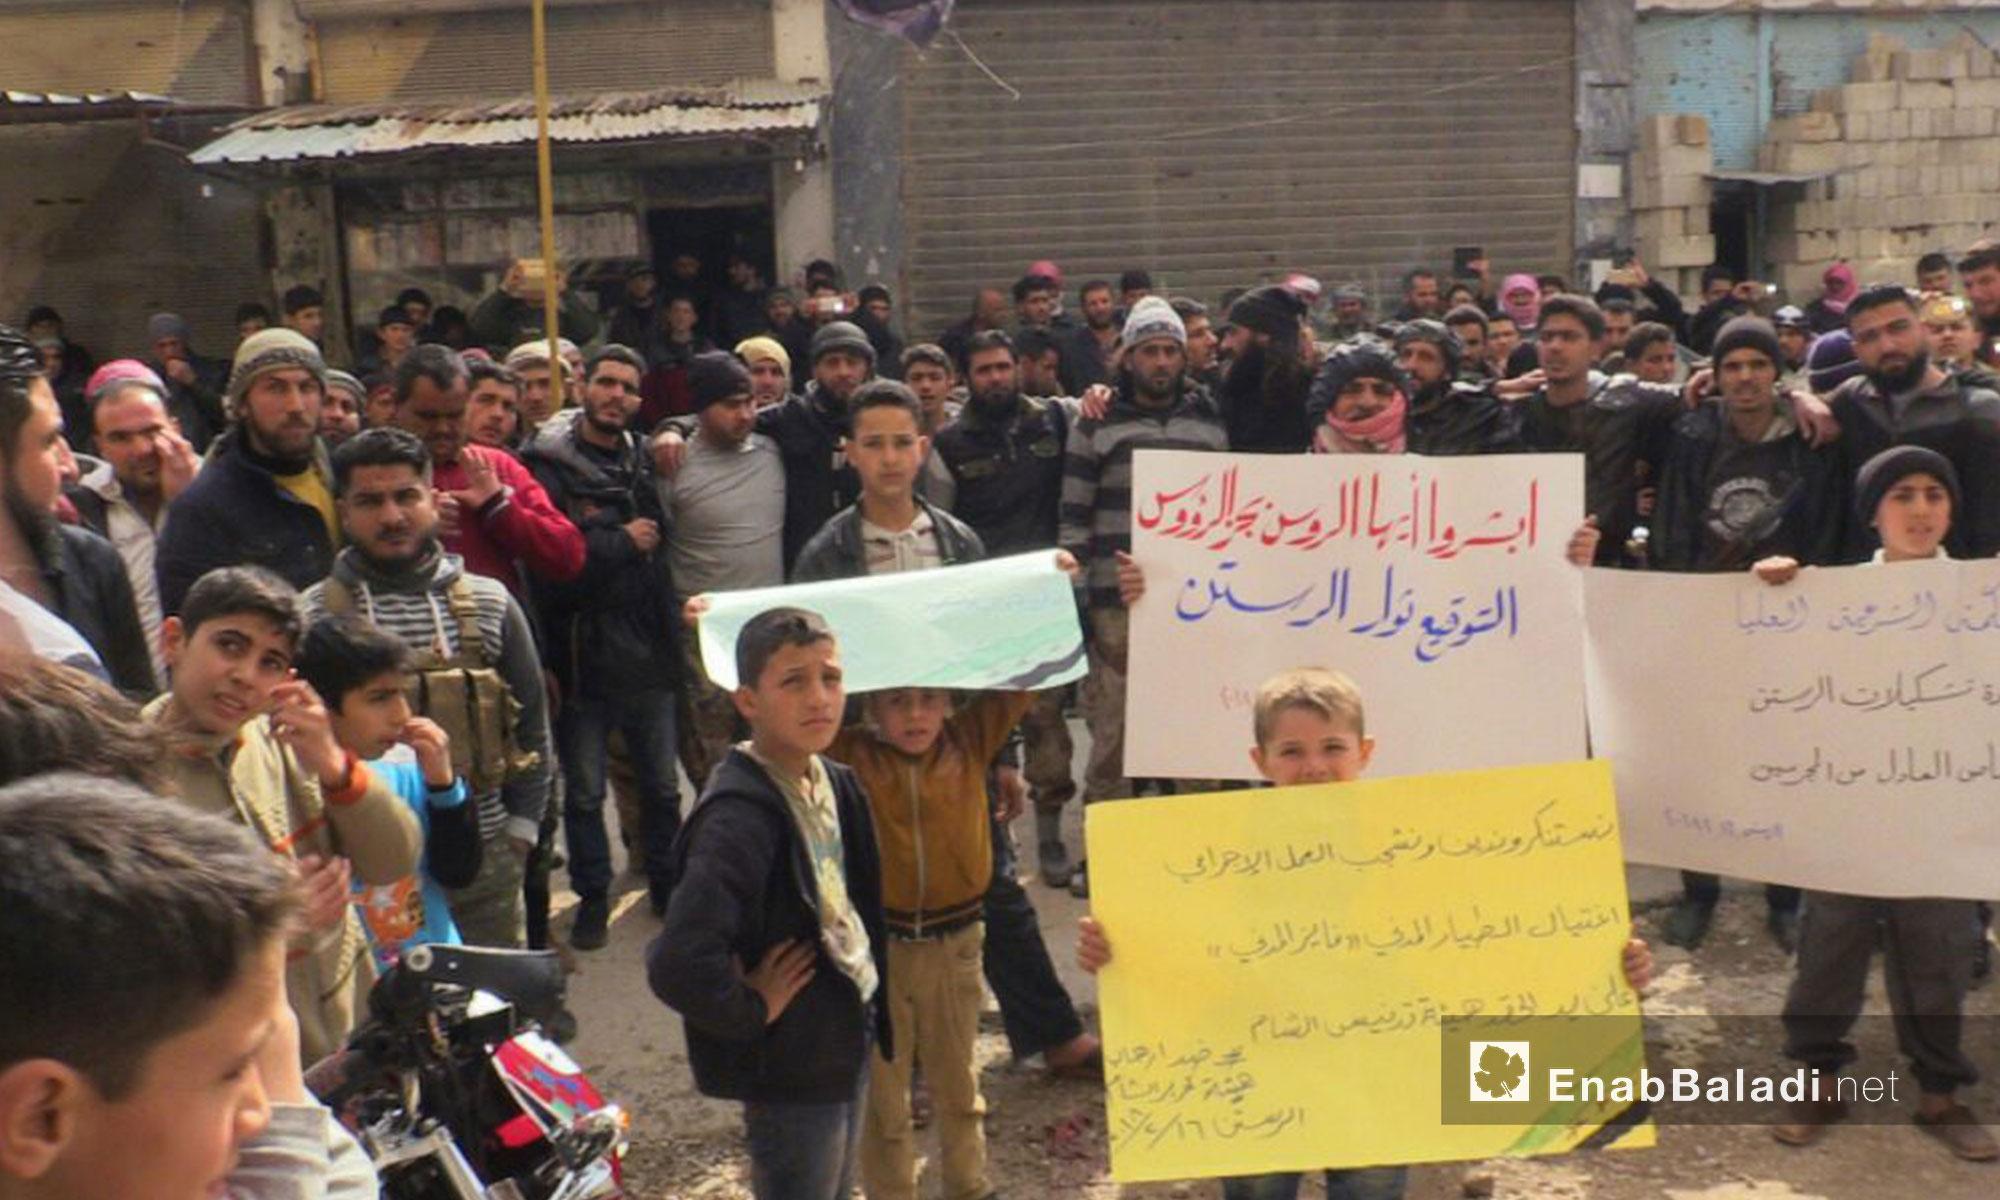 مظاهرة في مدينة الرستن ضد هيئة تحرير الشام في حمص - 16 شباط 2018 (عنب بلدي)